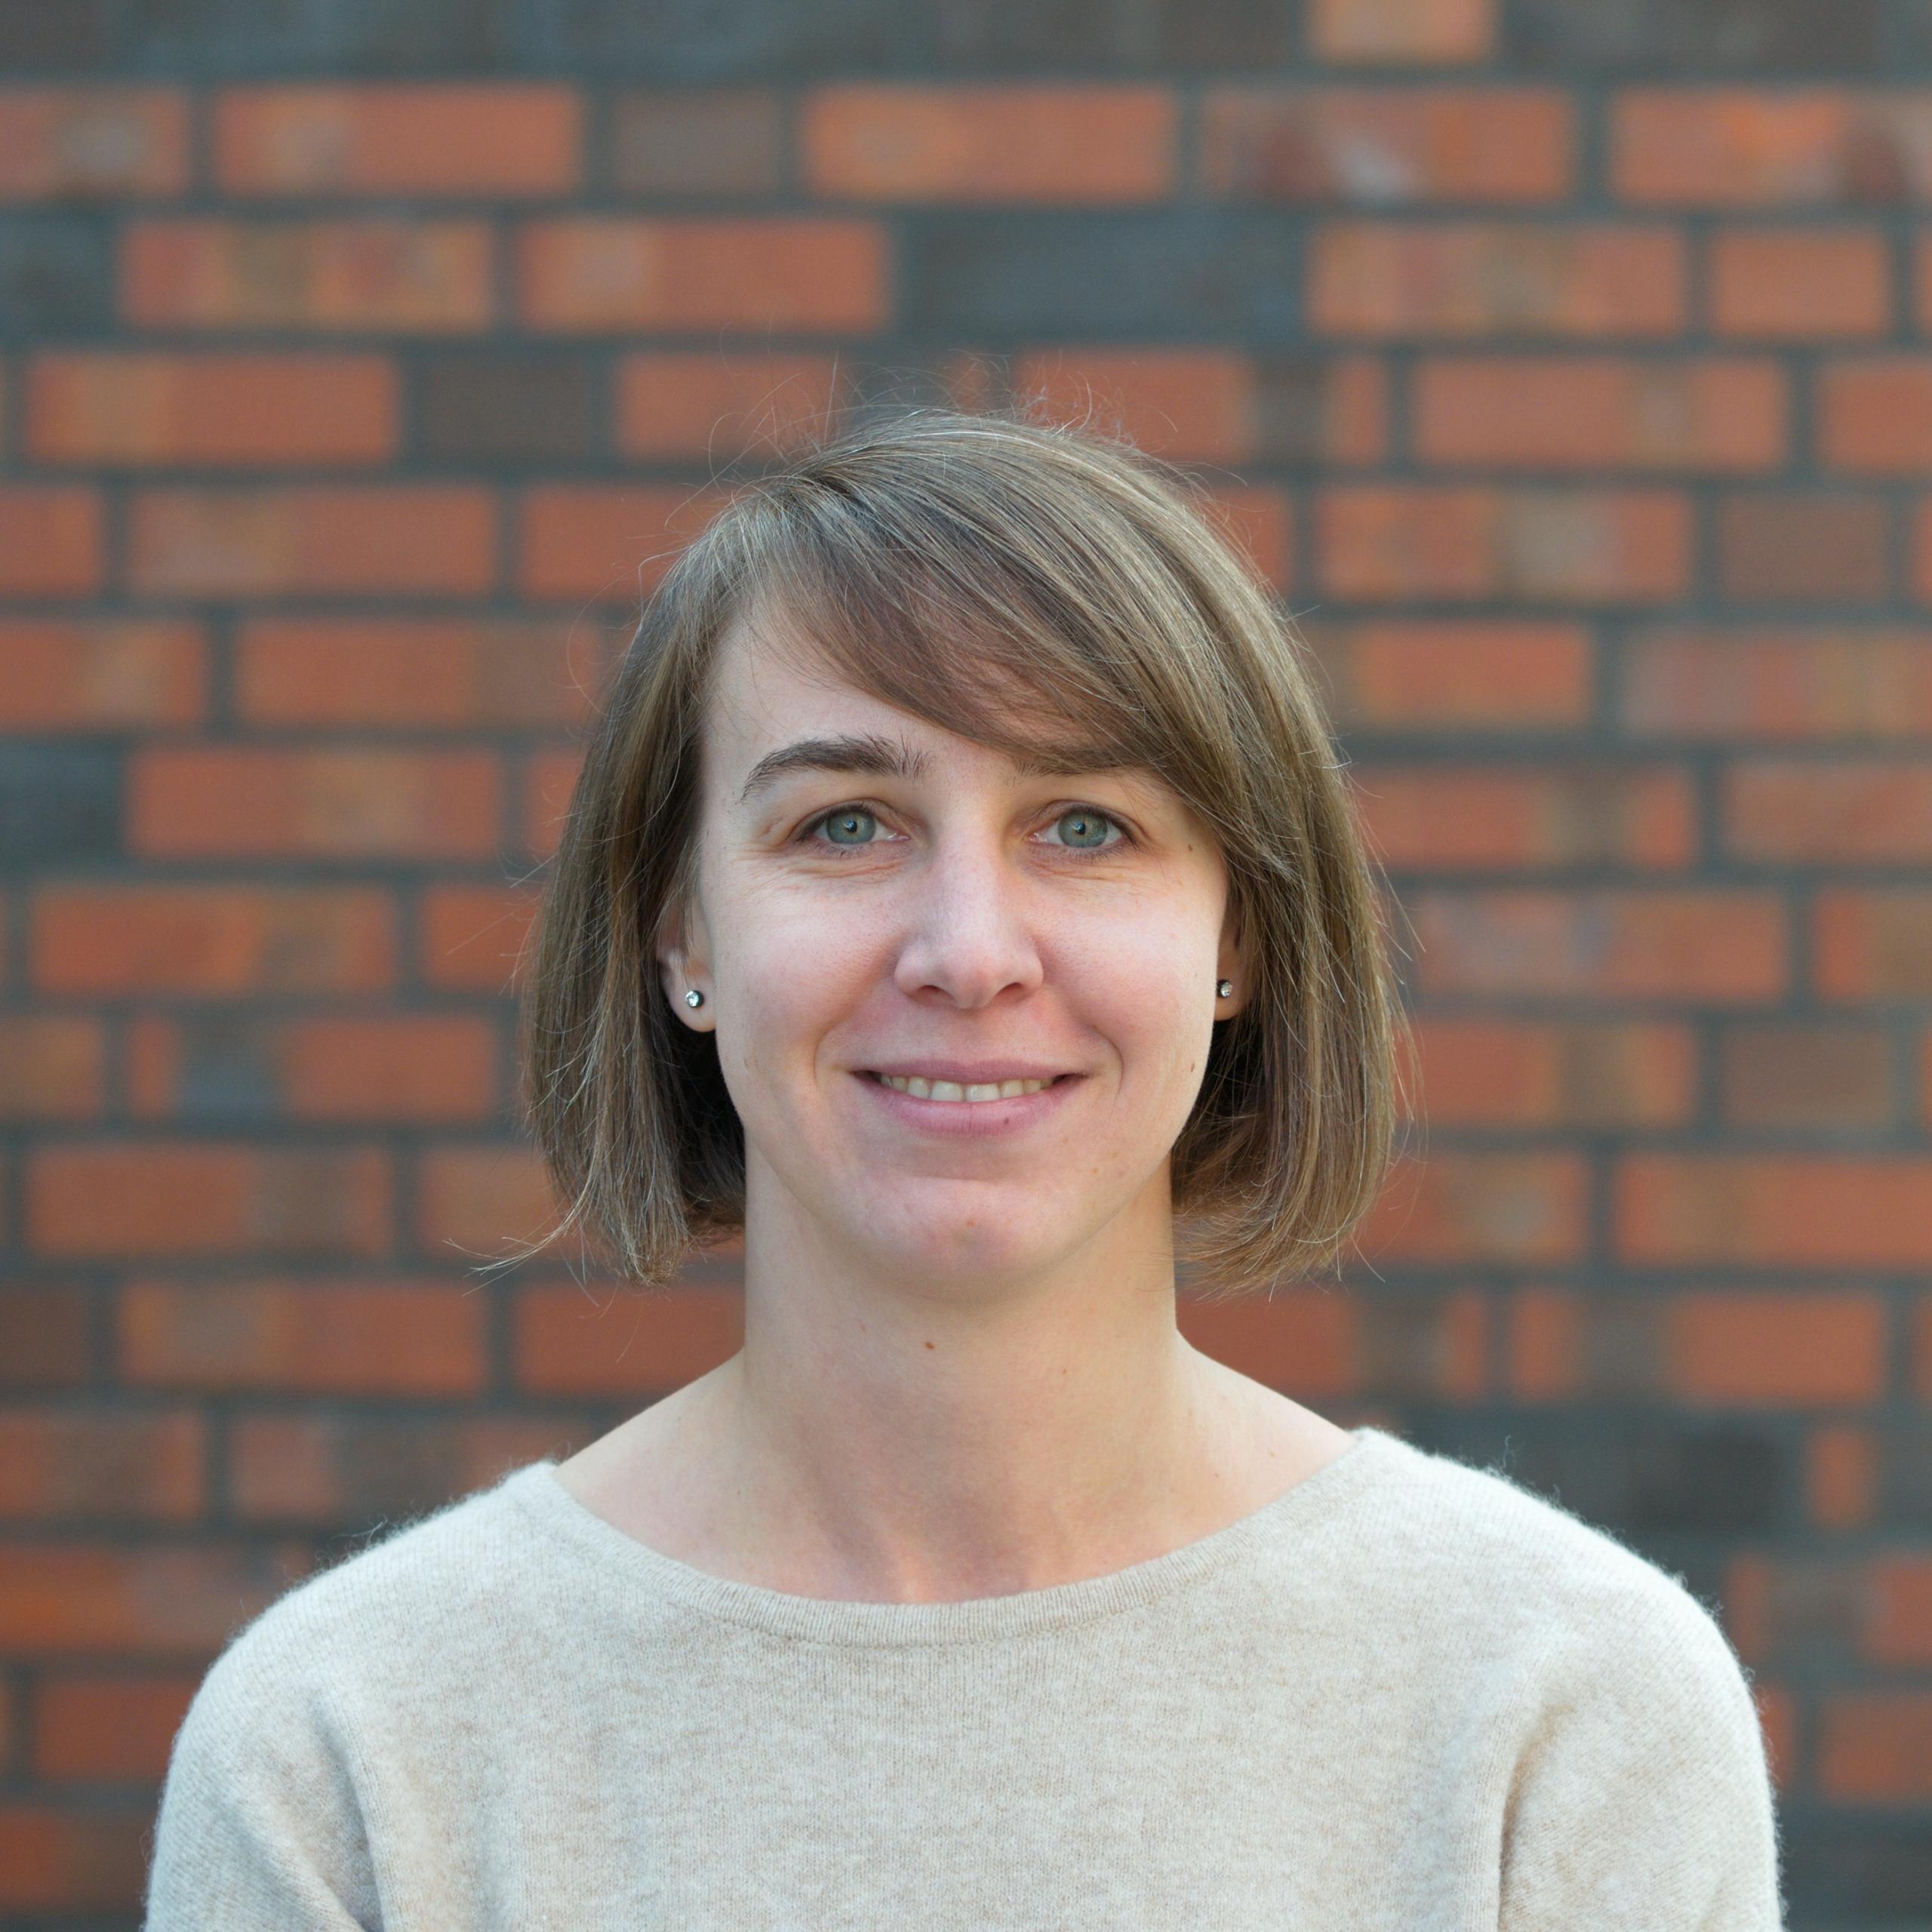 Rebekka Berninger Architekt Bonn